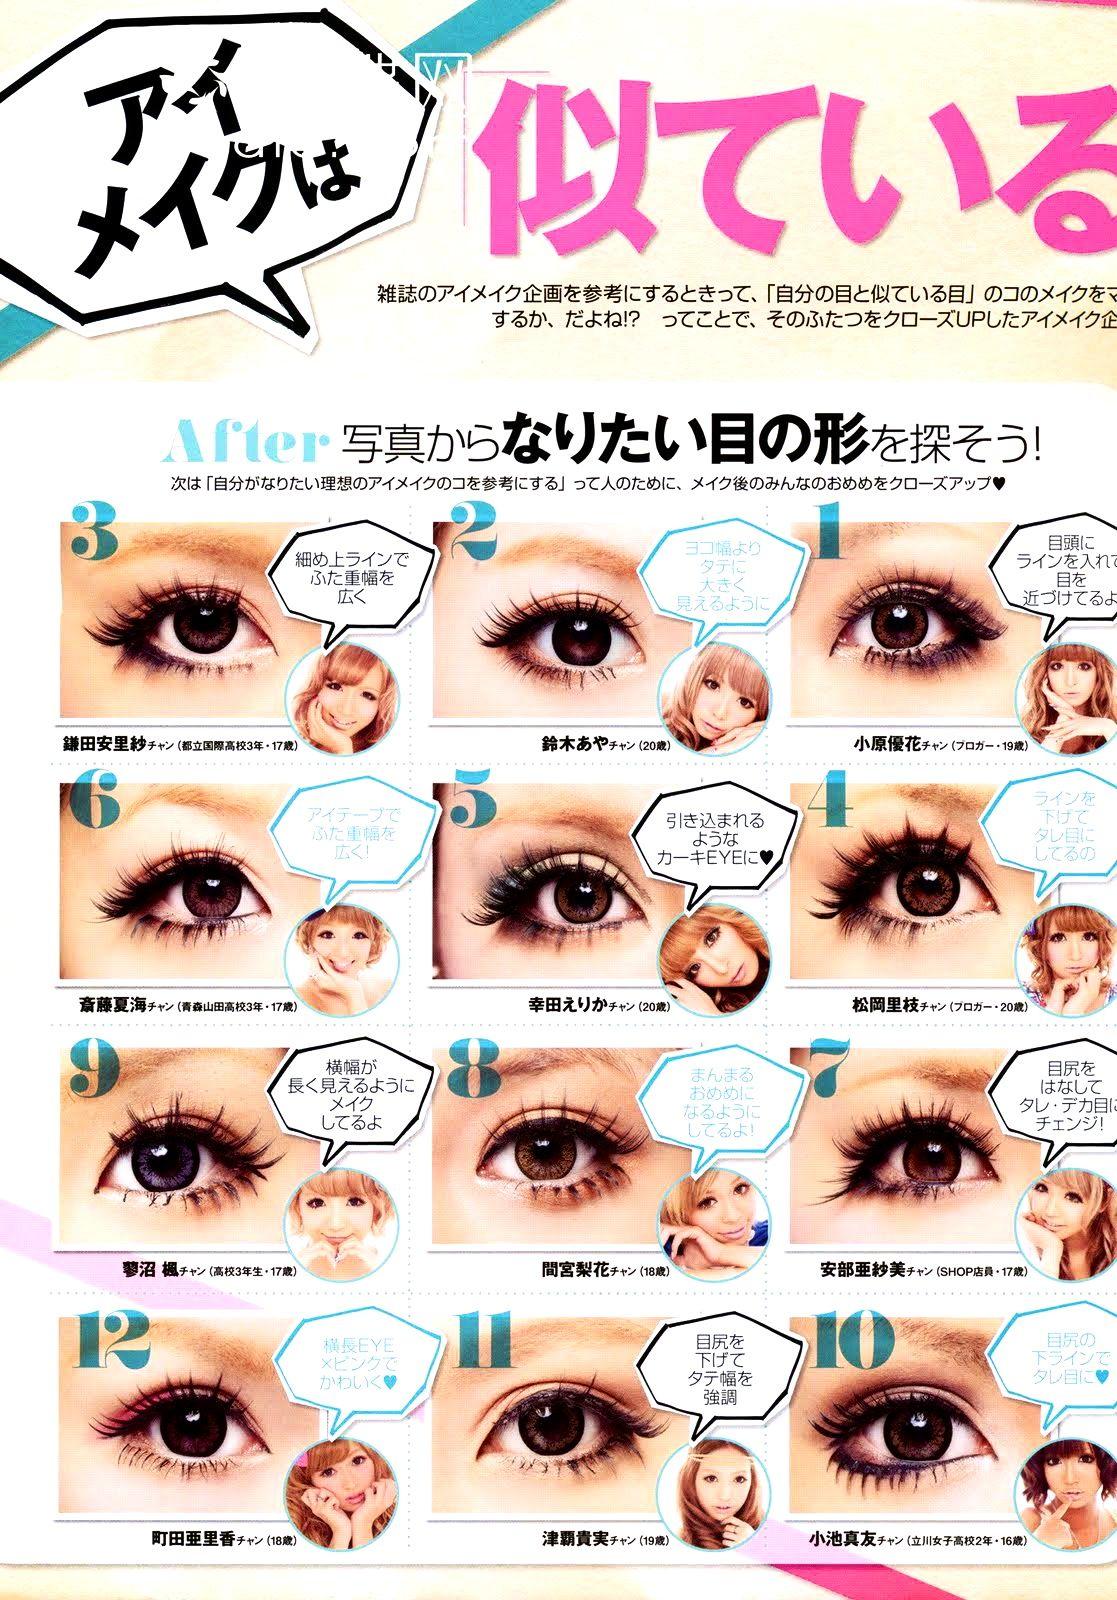 Pin By Linda On Makeup Step By Step Gyaru Makeup Asian Makeup Tips Asian Makeup